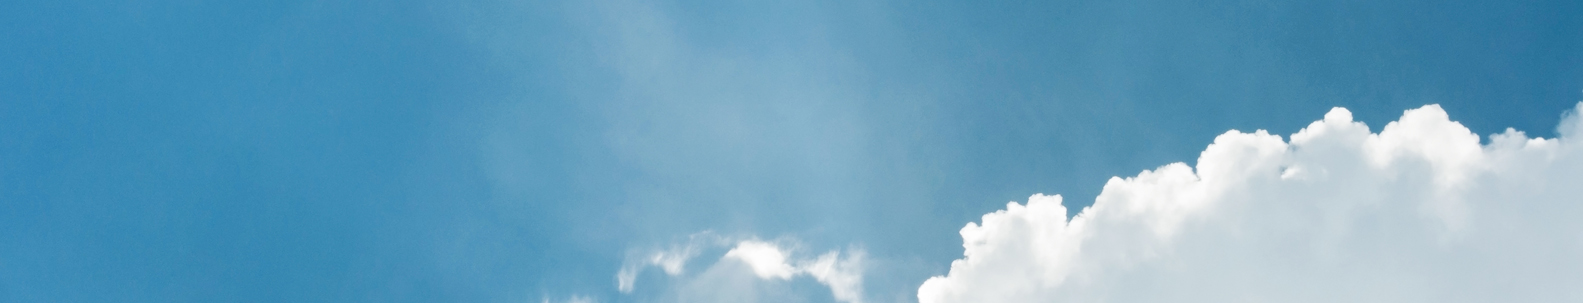 Deguonies matuokliai  Skaitmeniniai deguonies matuokliai ieškantiems aukštos kokybės, tikslaus matavimo prietaiso